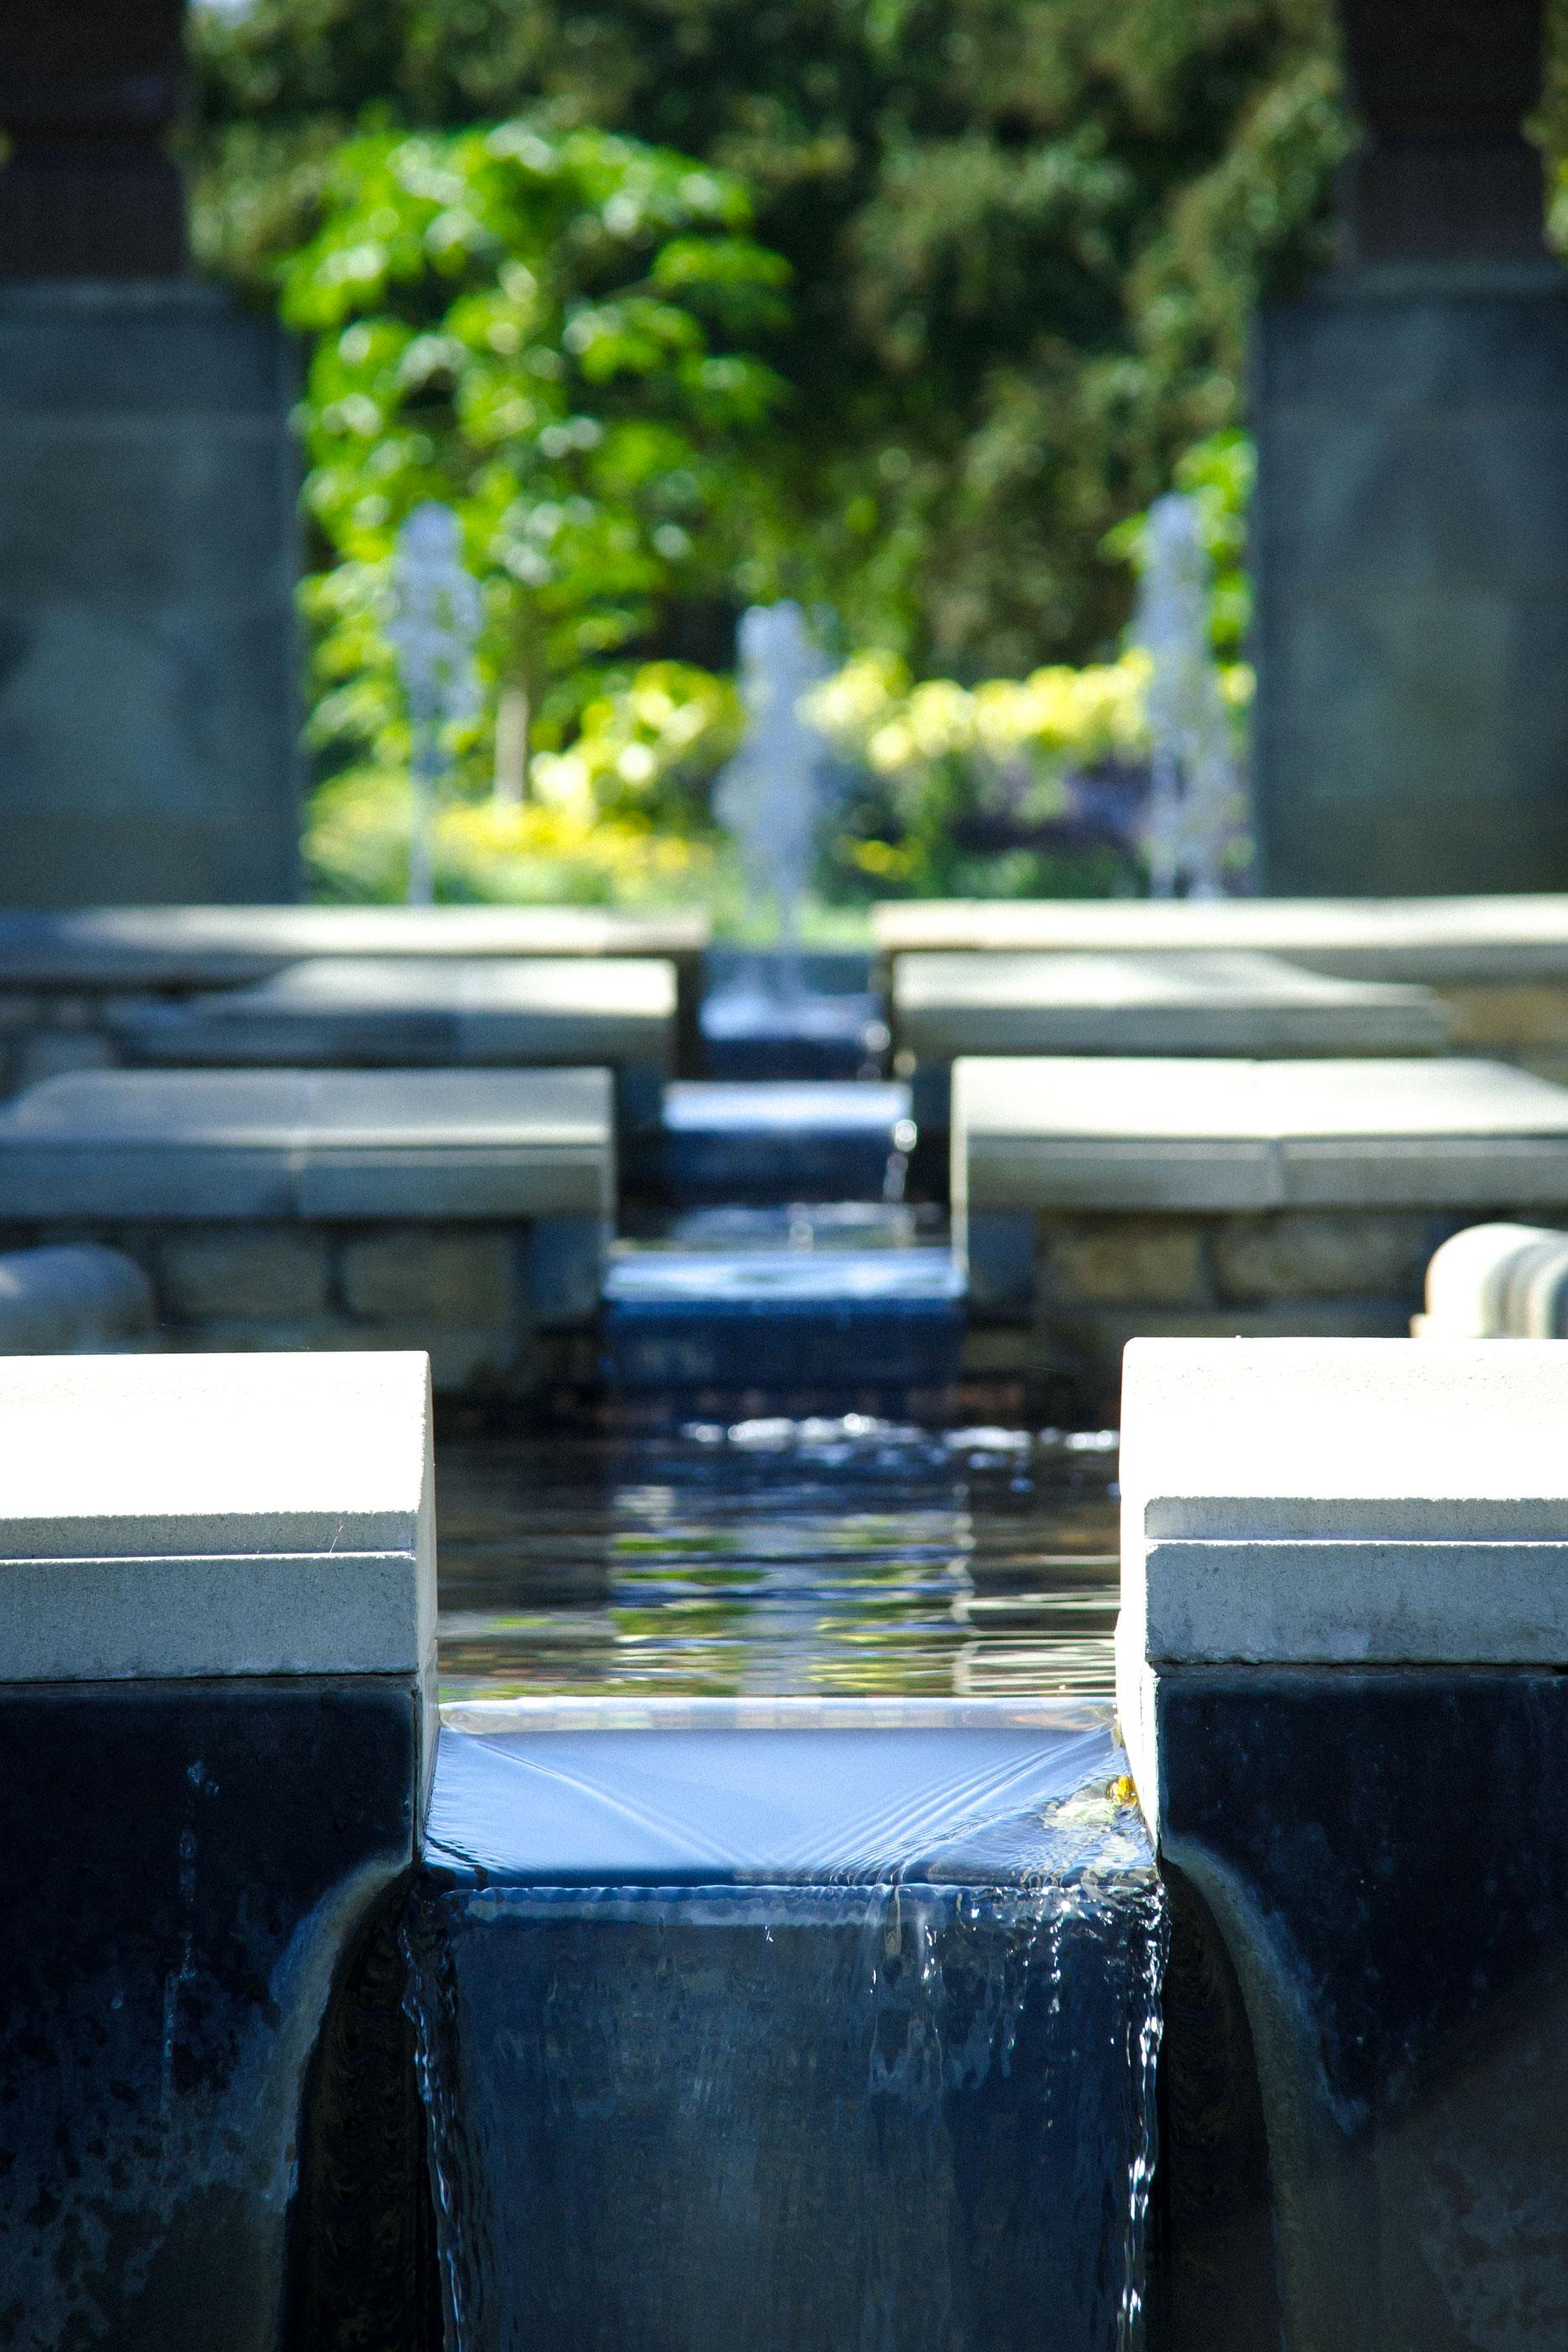 Descending Pools at Dallas Arboretum, Dallas 2013